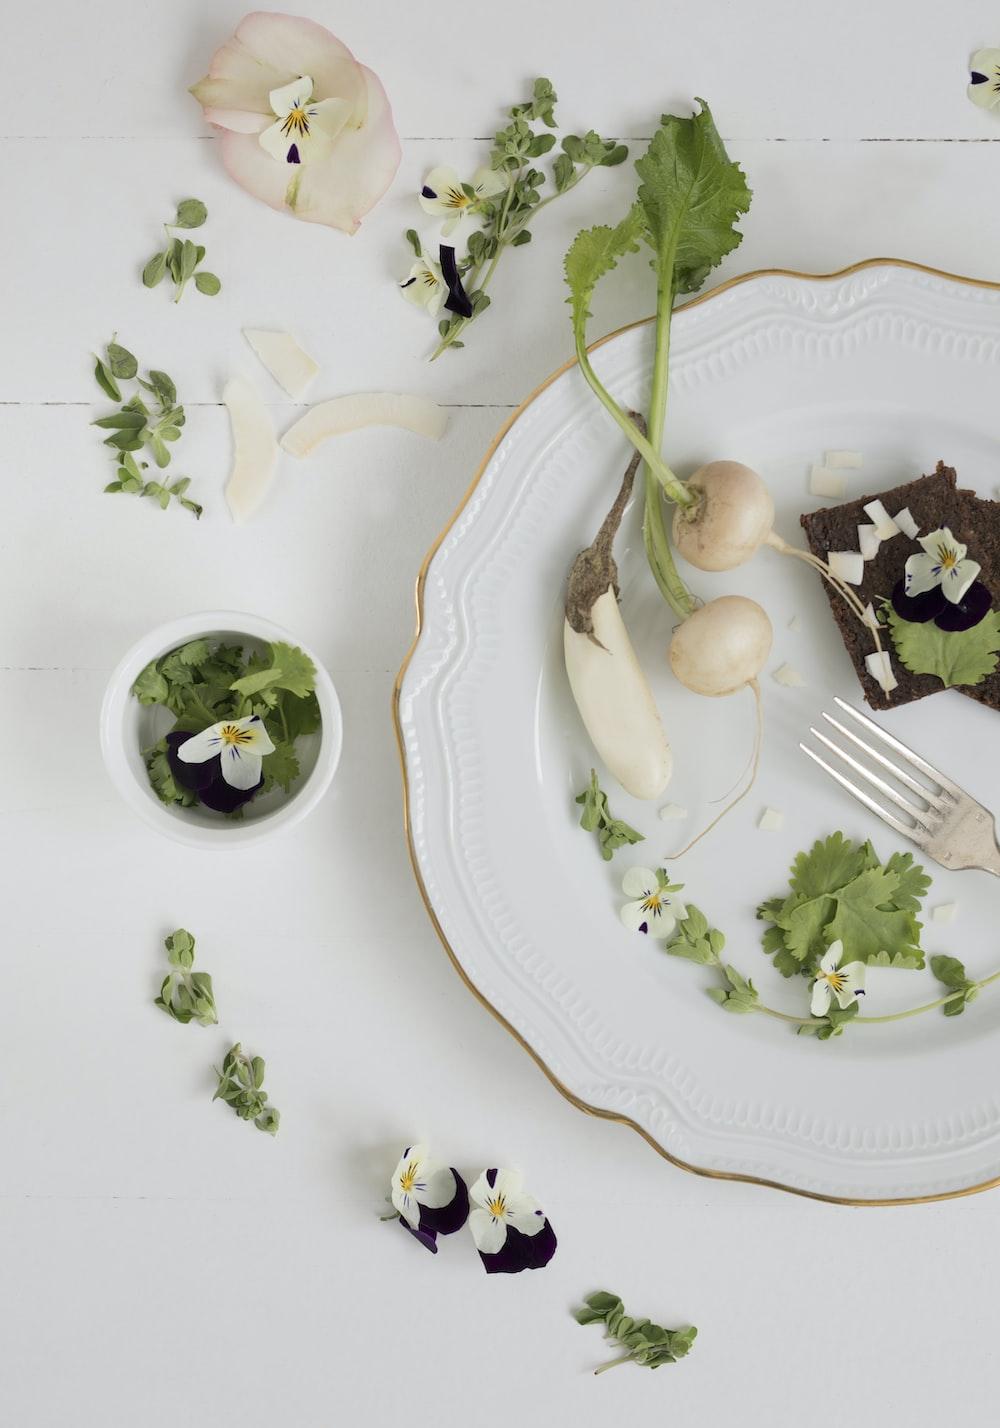 sliced vegetable on white plate